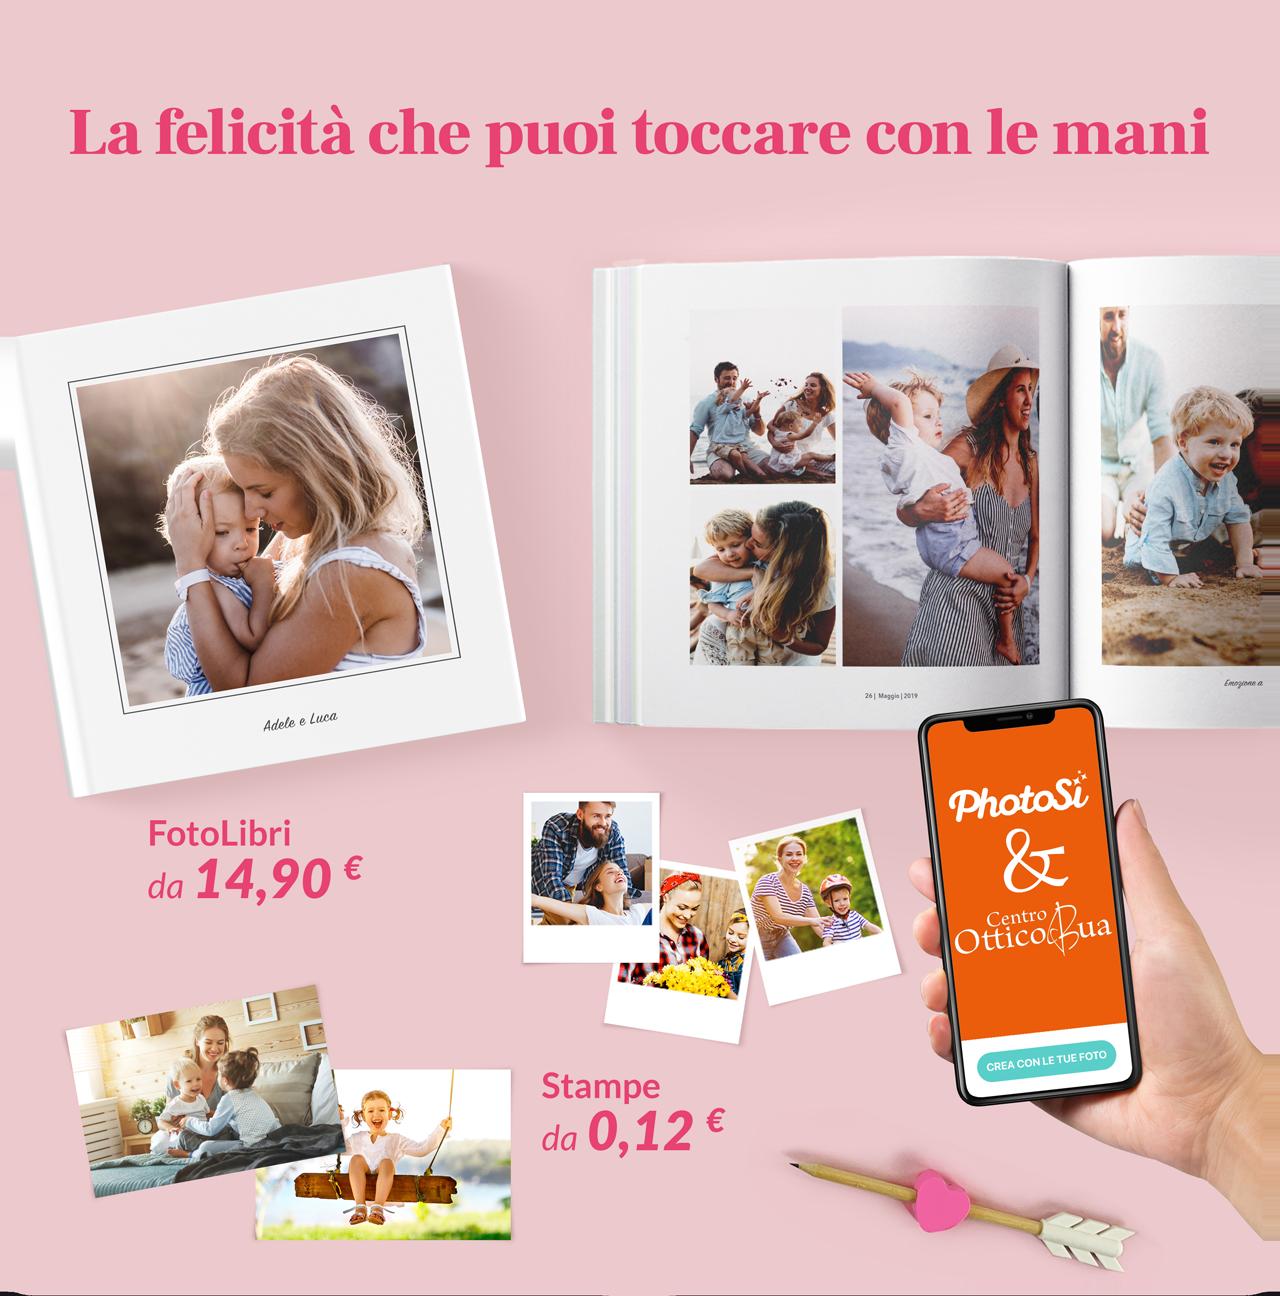 Centro_Ottico_Bua_Fotolibri_stampe